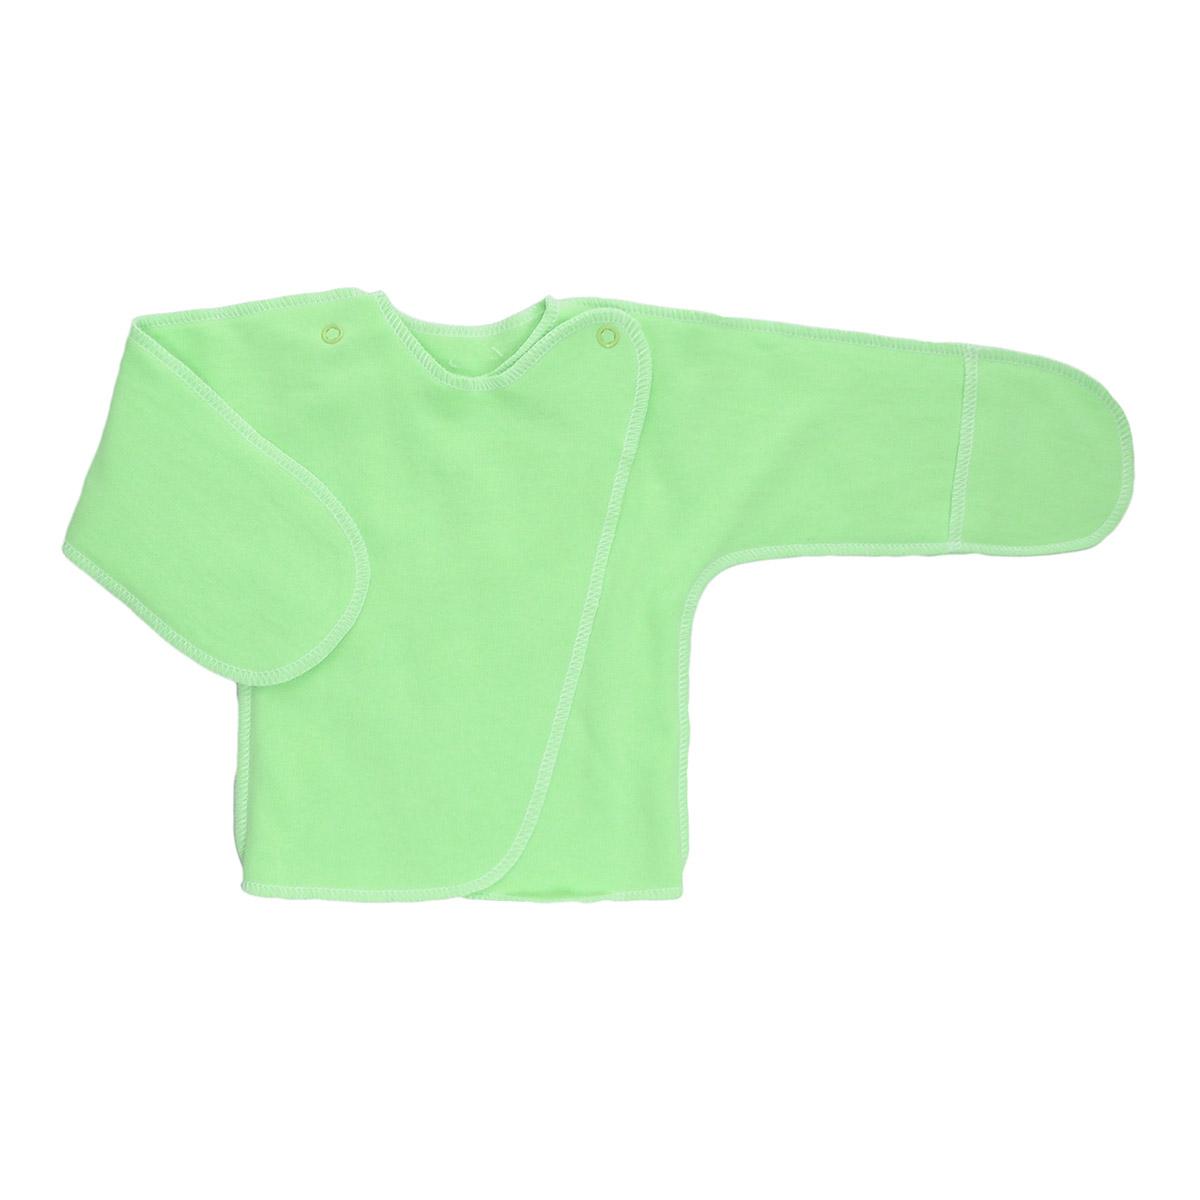 Распашонка Трон-Плюс, цвет: светло-зеленый. 5023 . Размер 62, 3 месяца